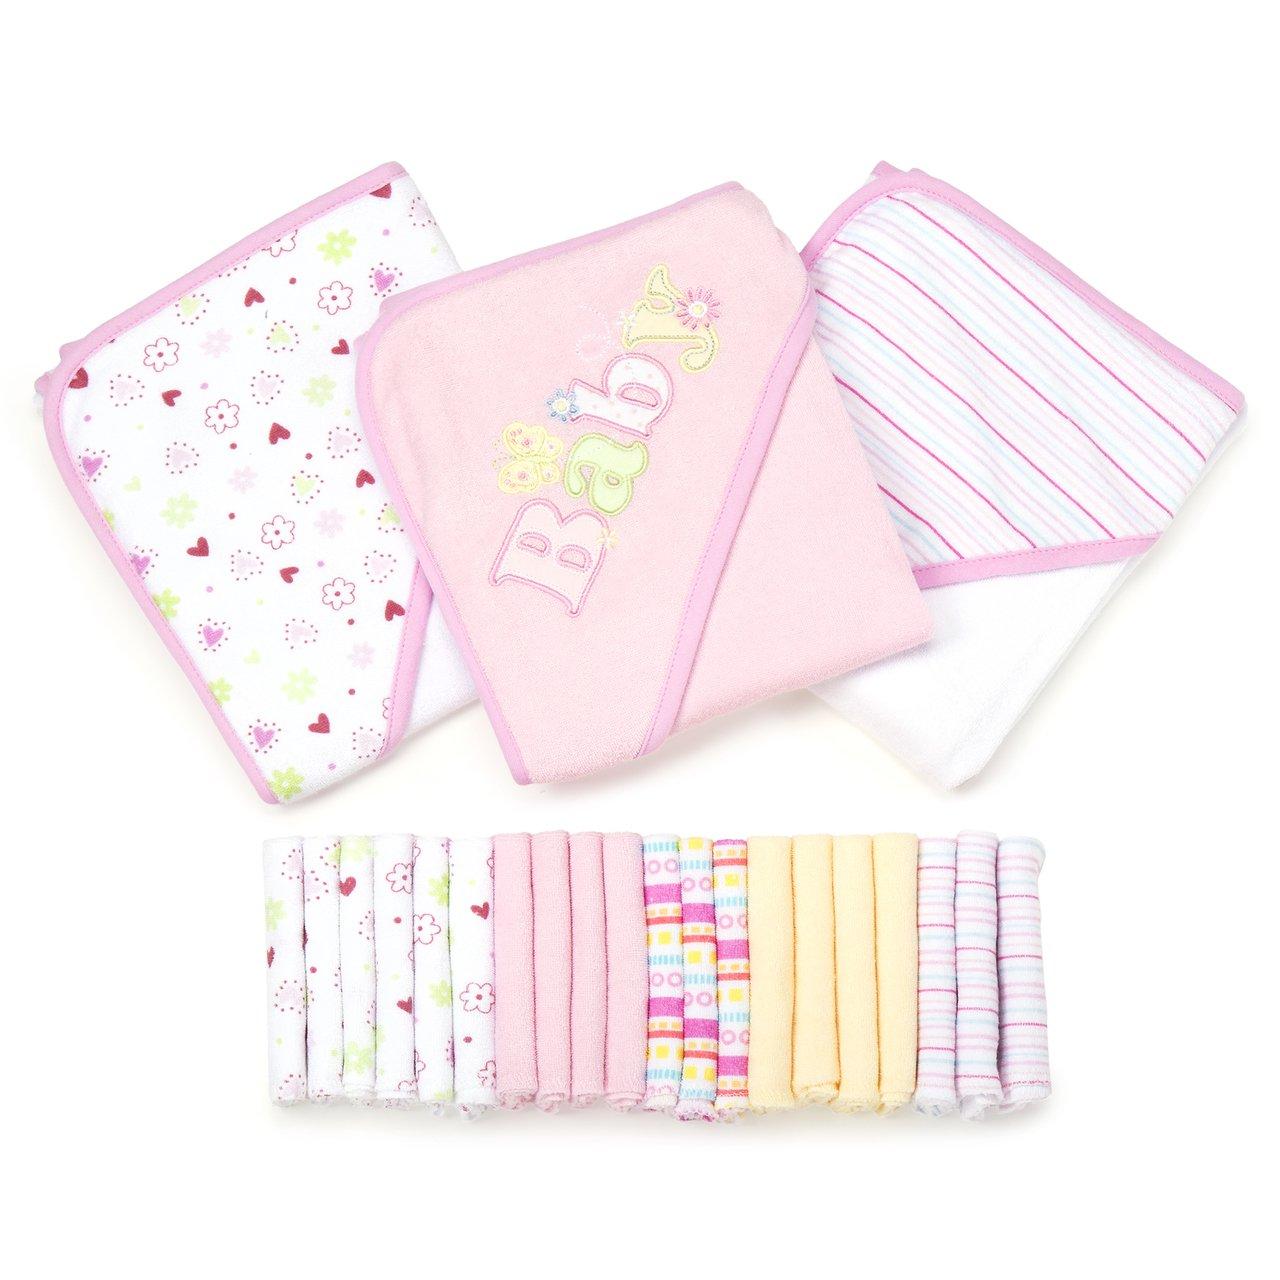 Spasilk 23-Piece Essential Baby Bath Gift Set, Pink by Spasilk